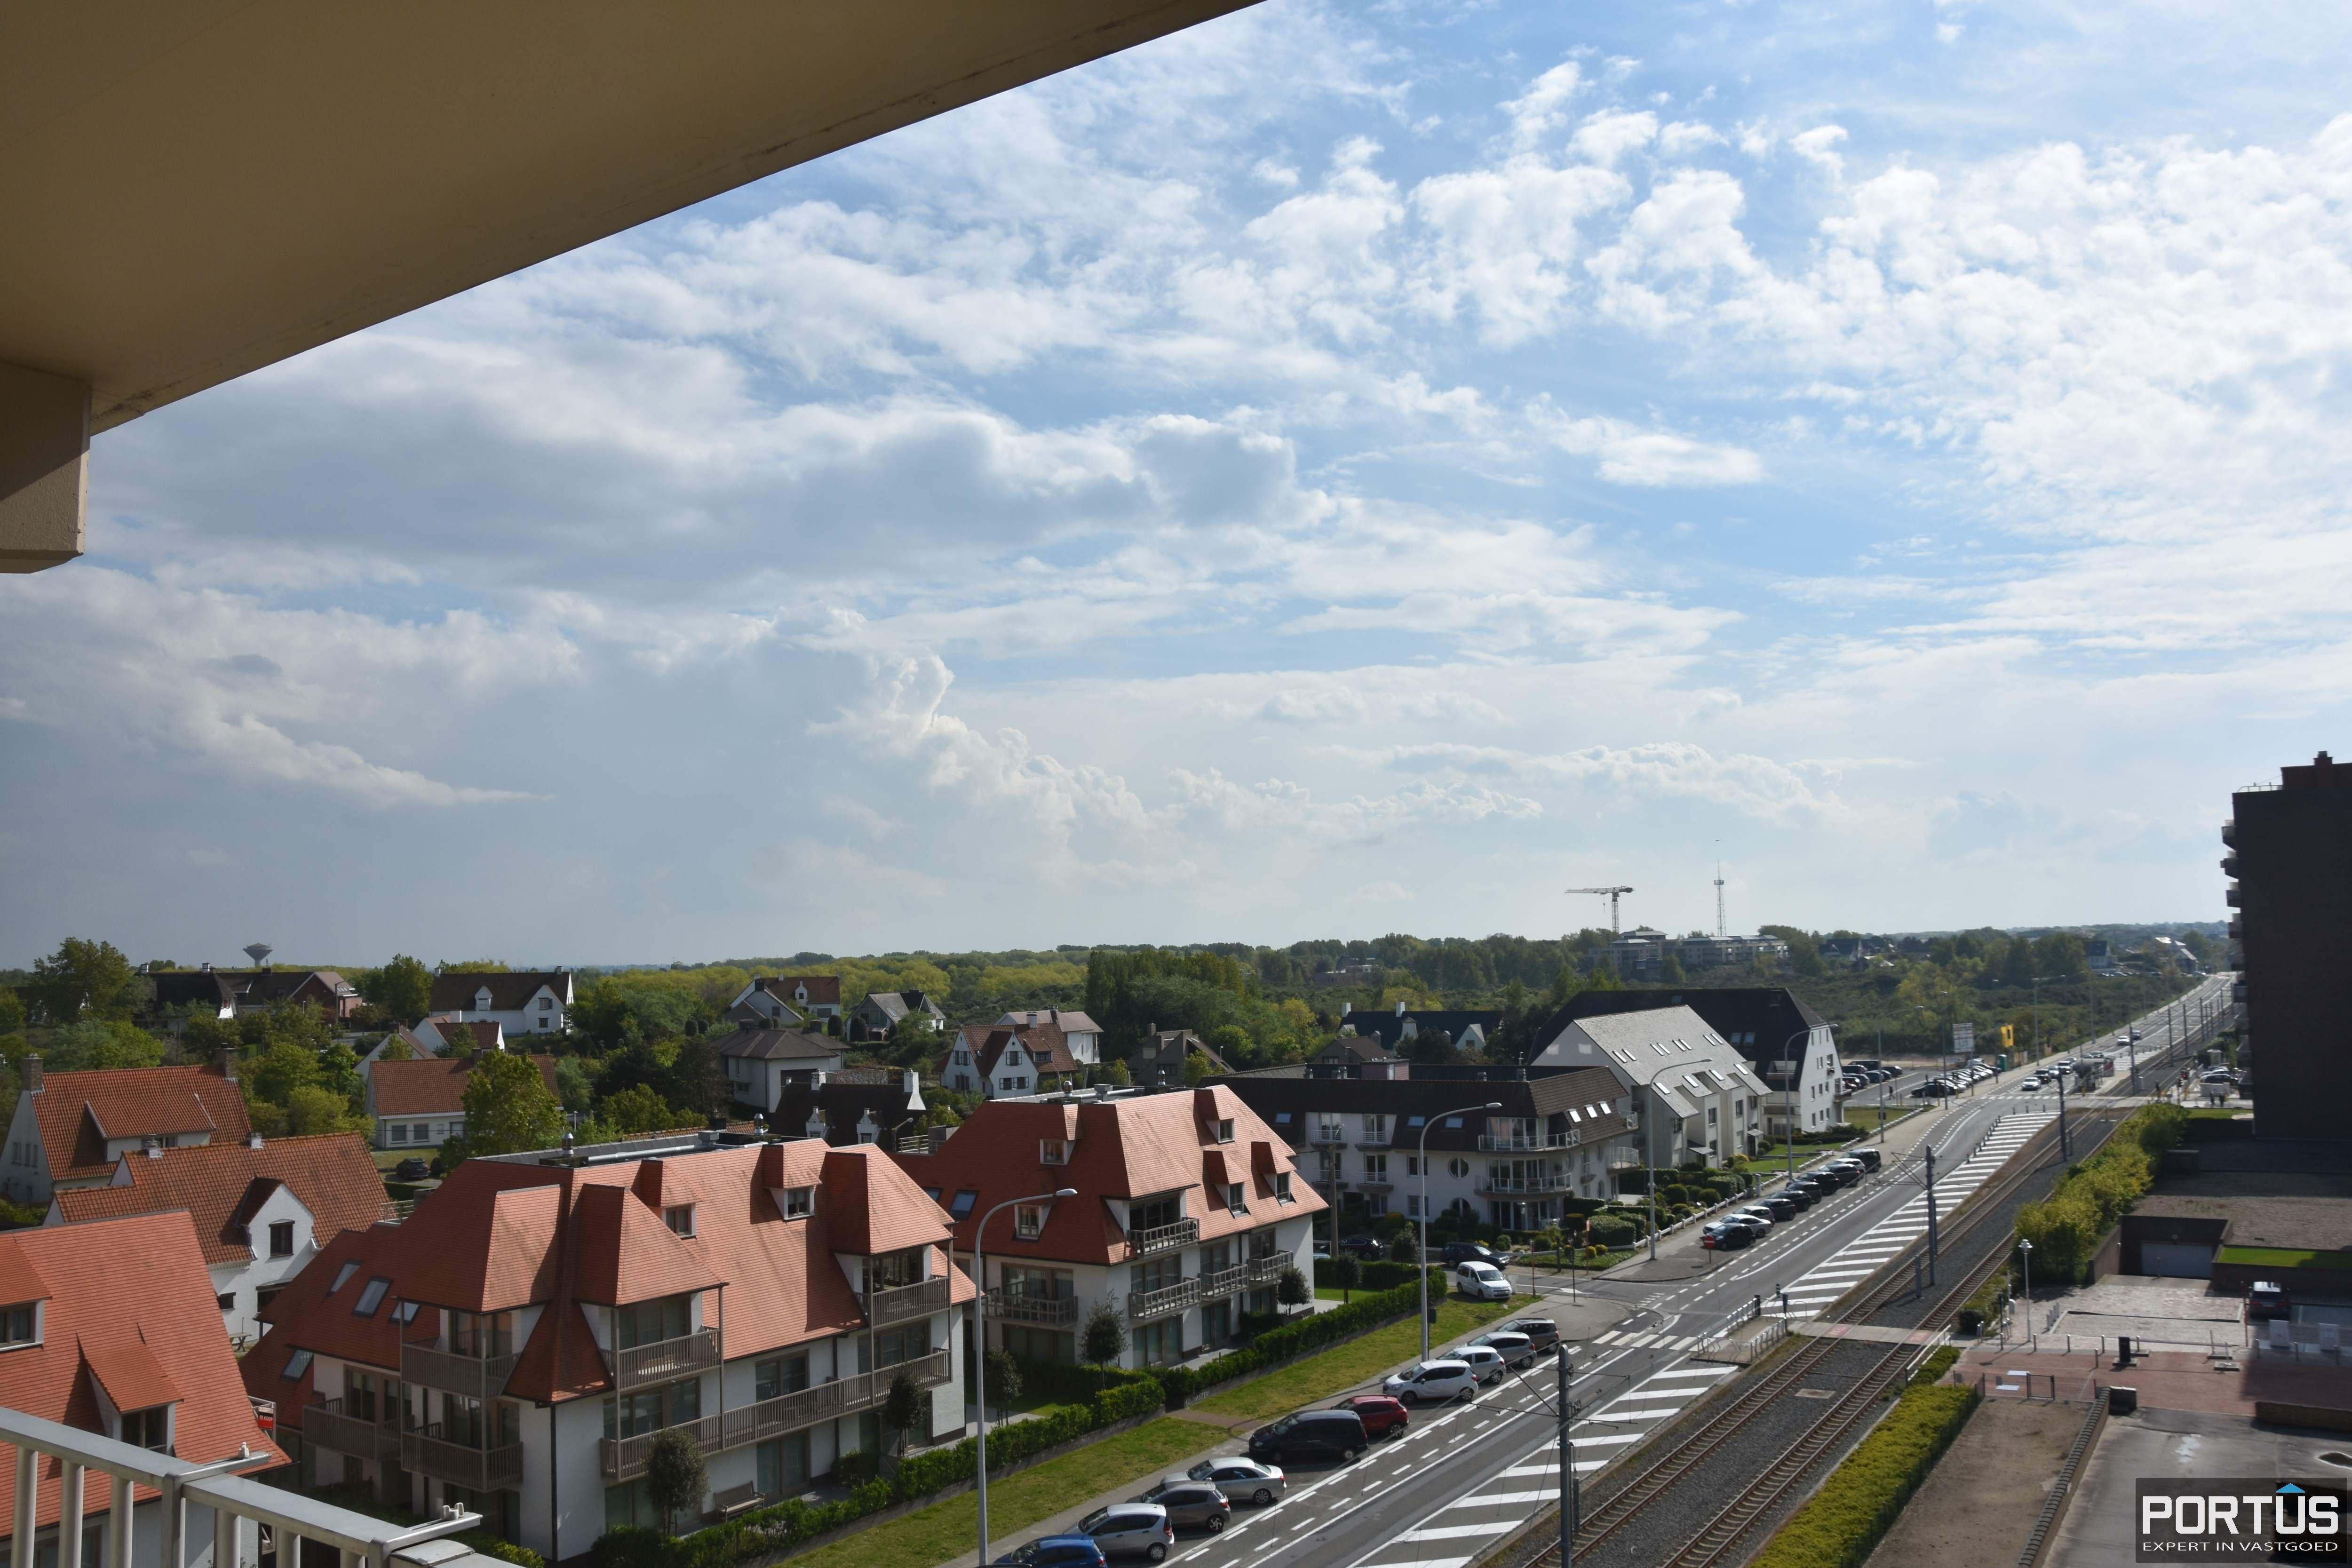 Appartement met staanplaats en berging te huur Nieuwpoort - 9710